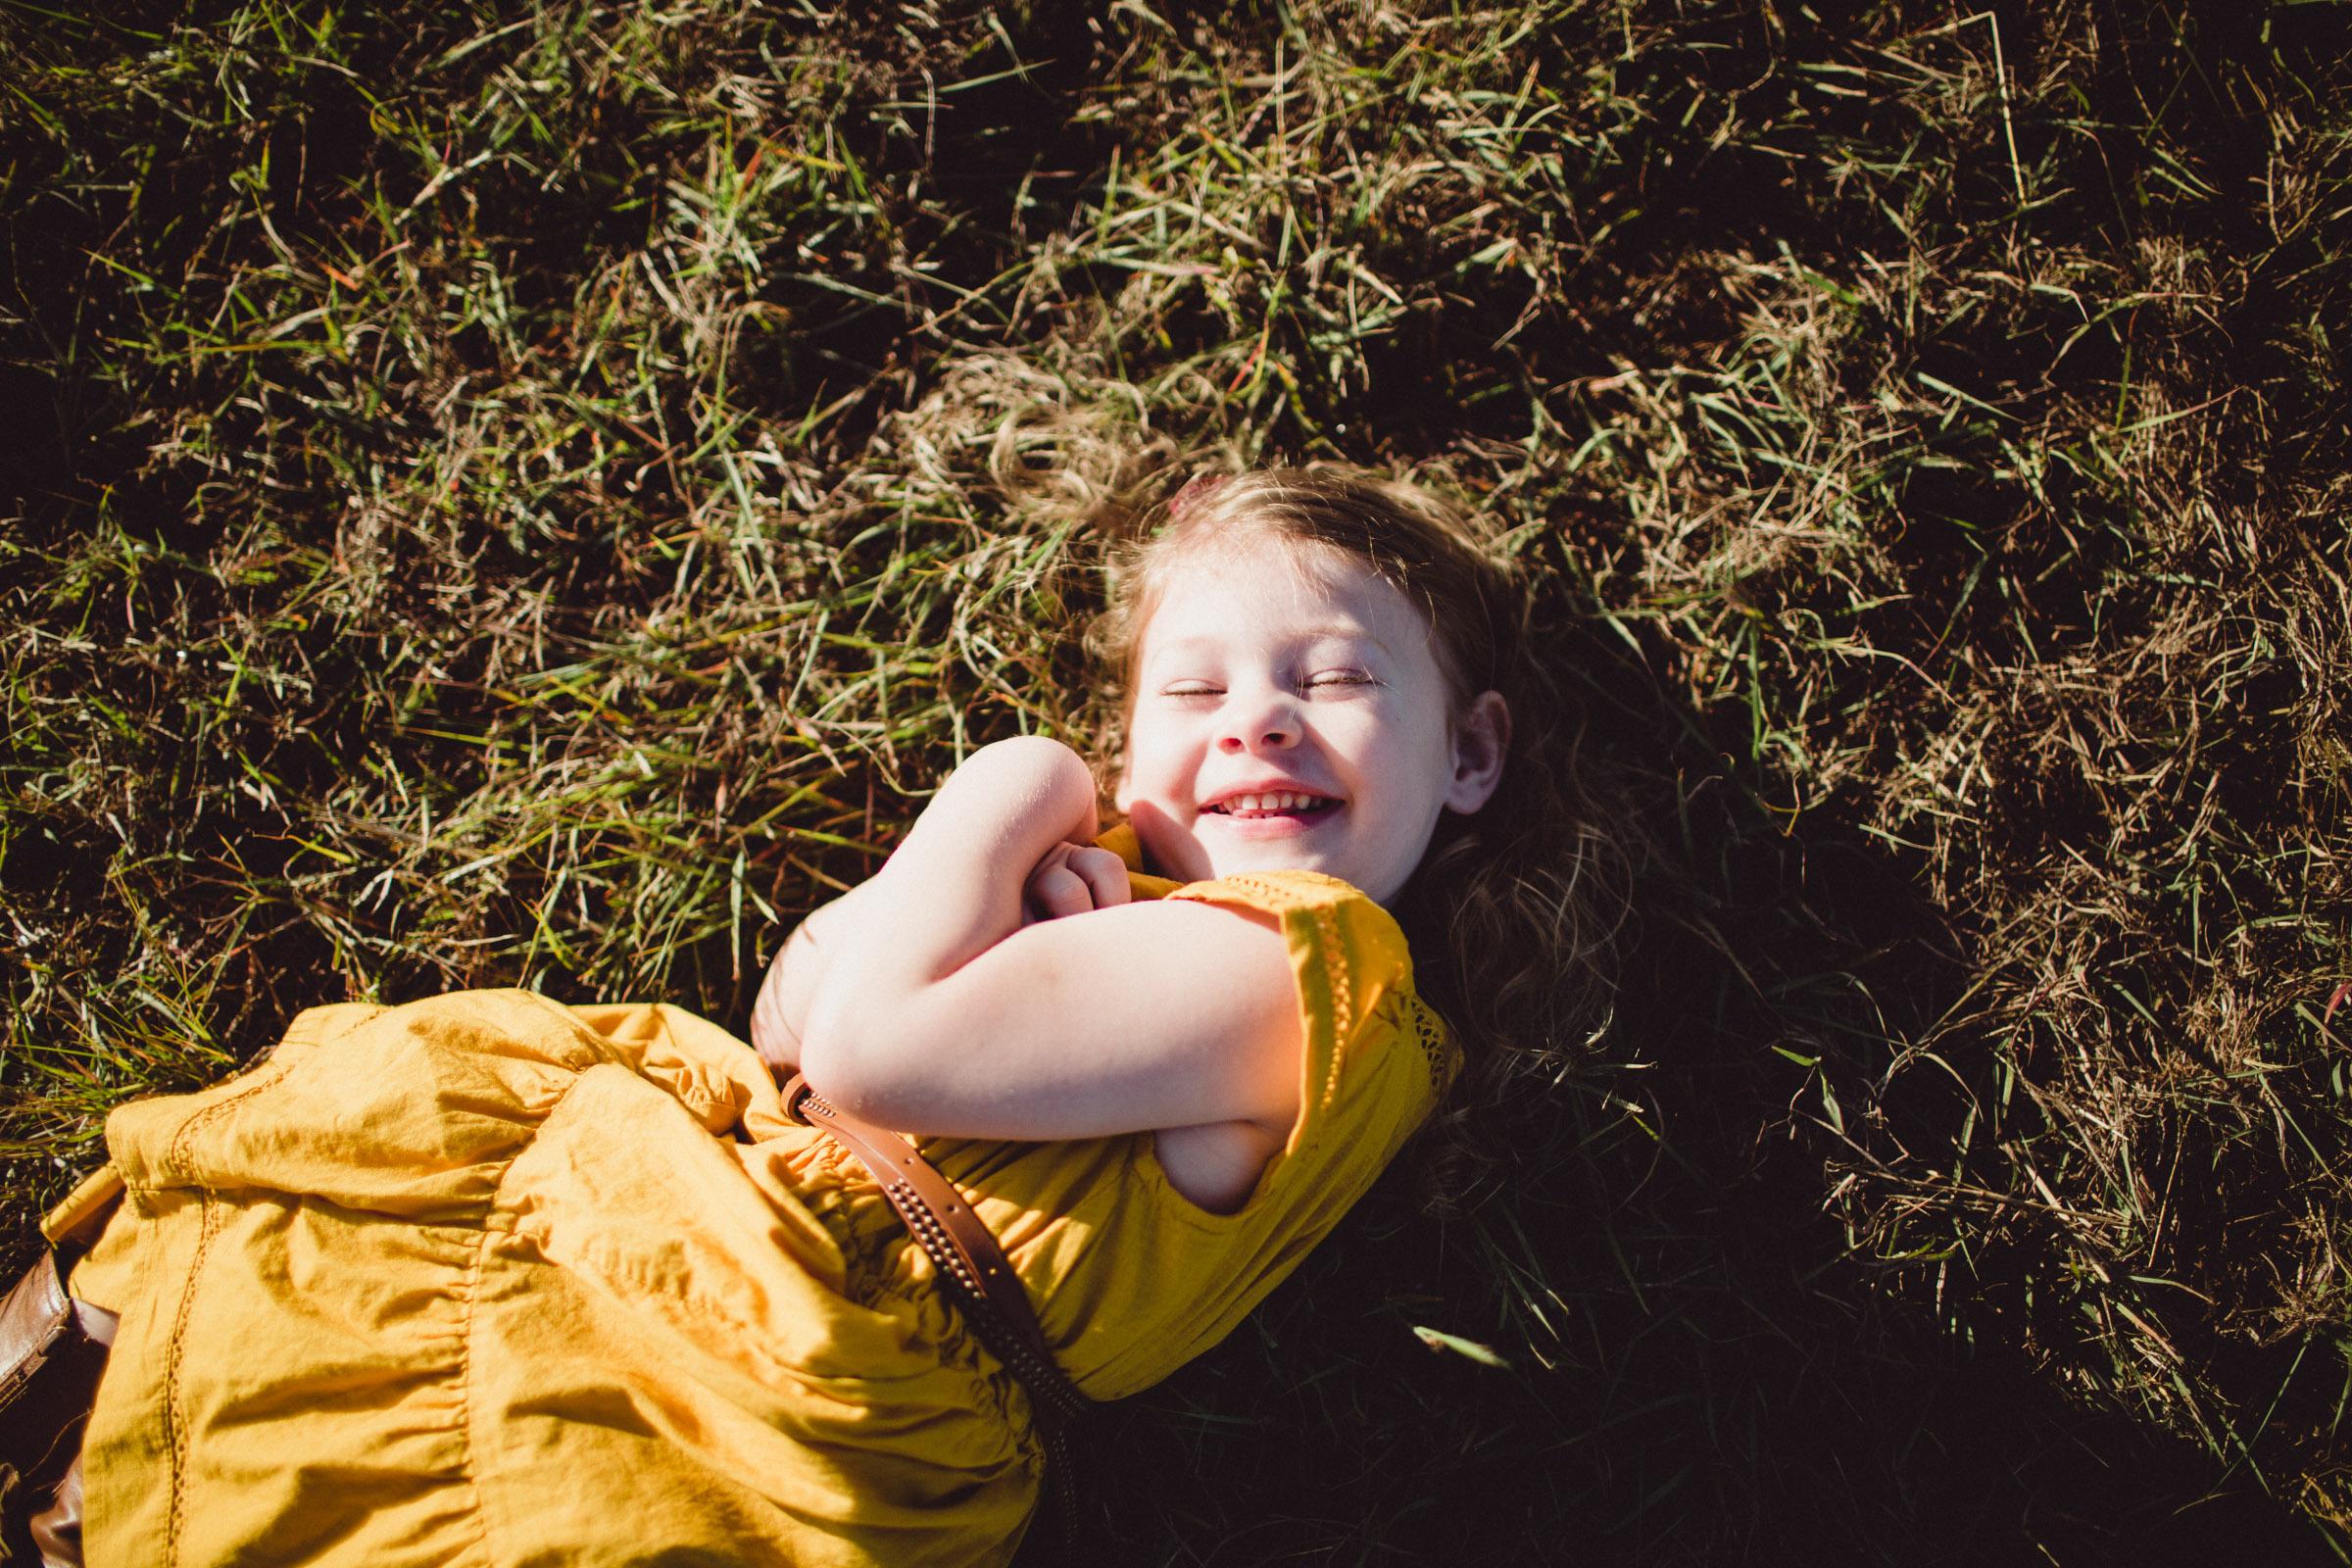 joy of little girl, overhead shot of laughter